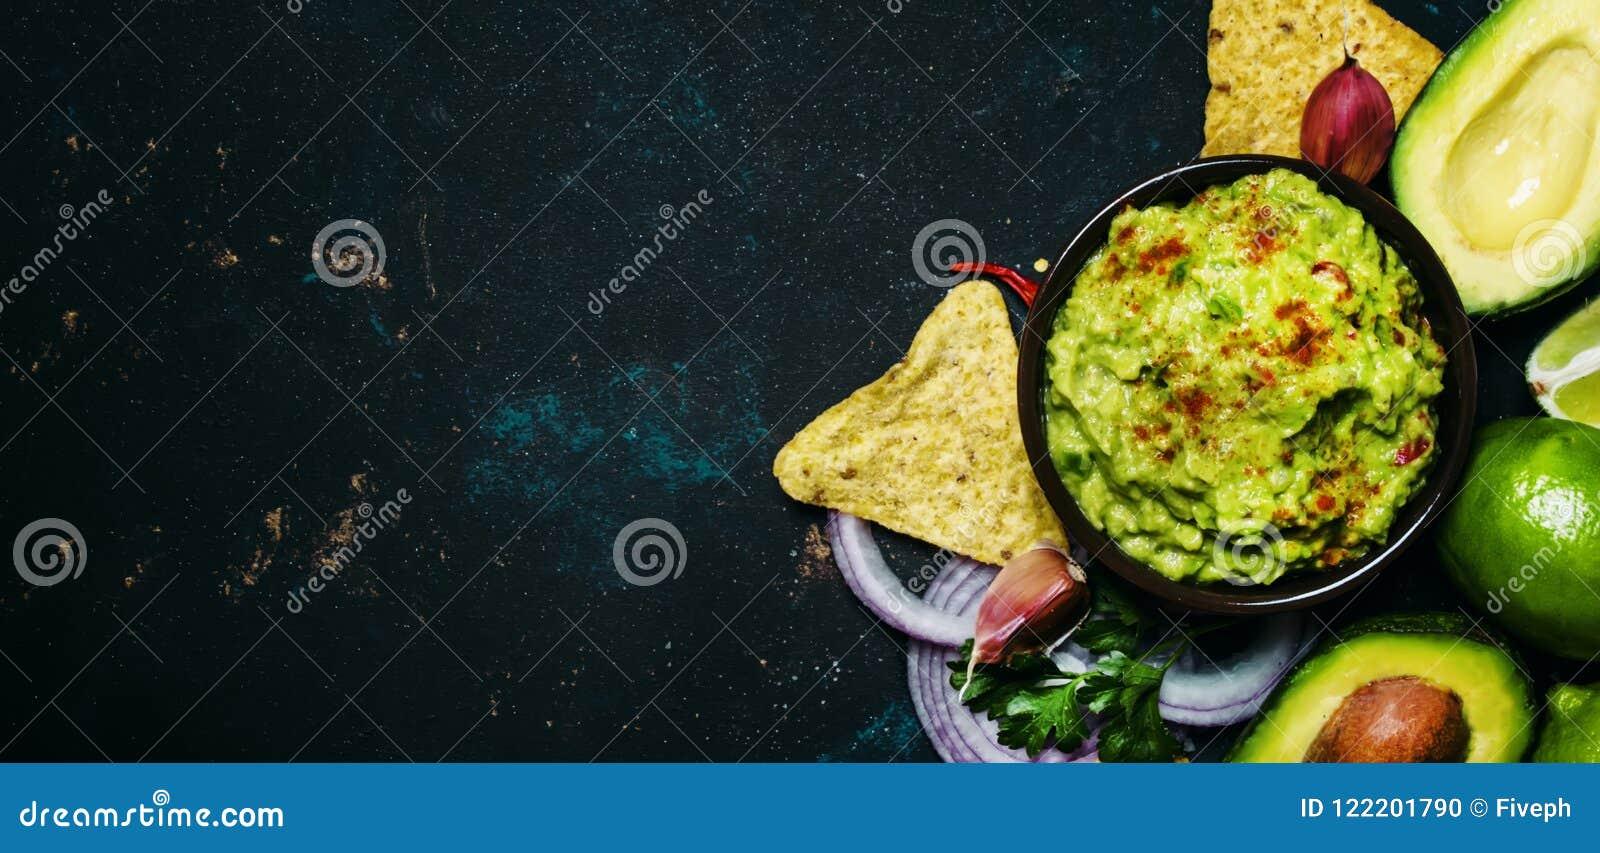 Έννοια τροφίμων tex-Mex, καλαμπόκι Nachos και σάλτσα Guacamole, πλάτη τροφίμων